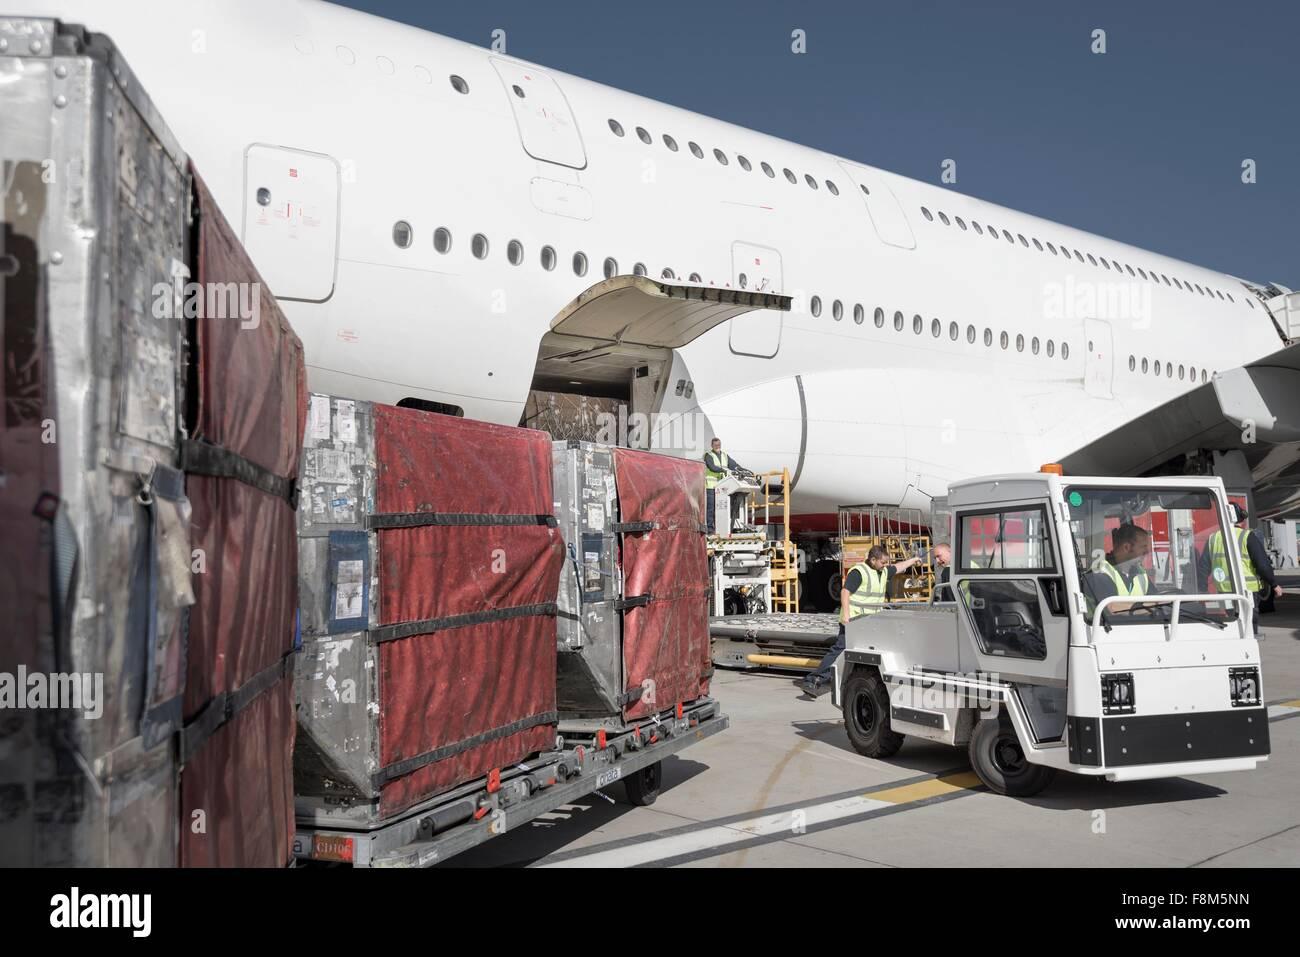 Le personnel au sol du chargement d'un aéroport d'avion à réaction à l'A380 Photo Stock